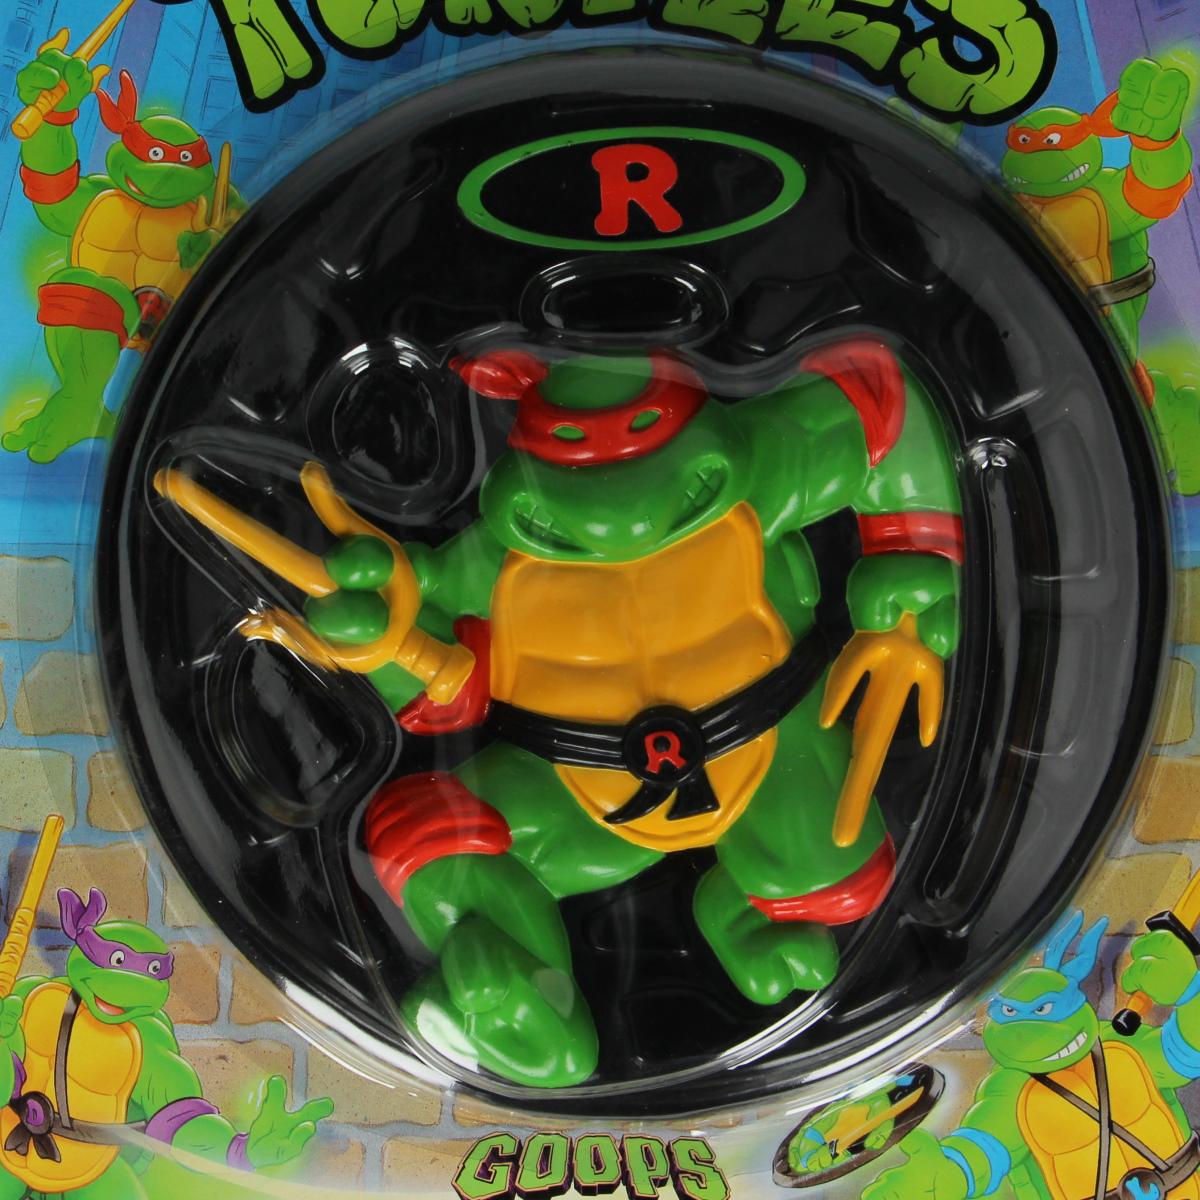 Afbeeldingen van Teenage mutant hero Turtles frisbee Raphael